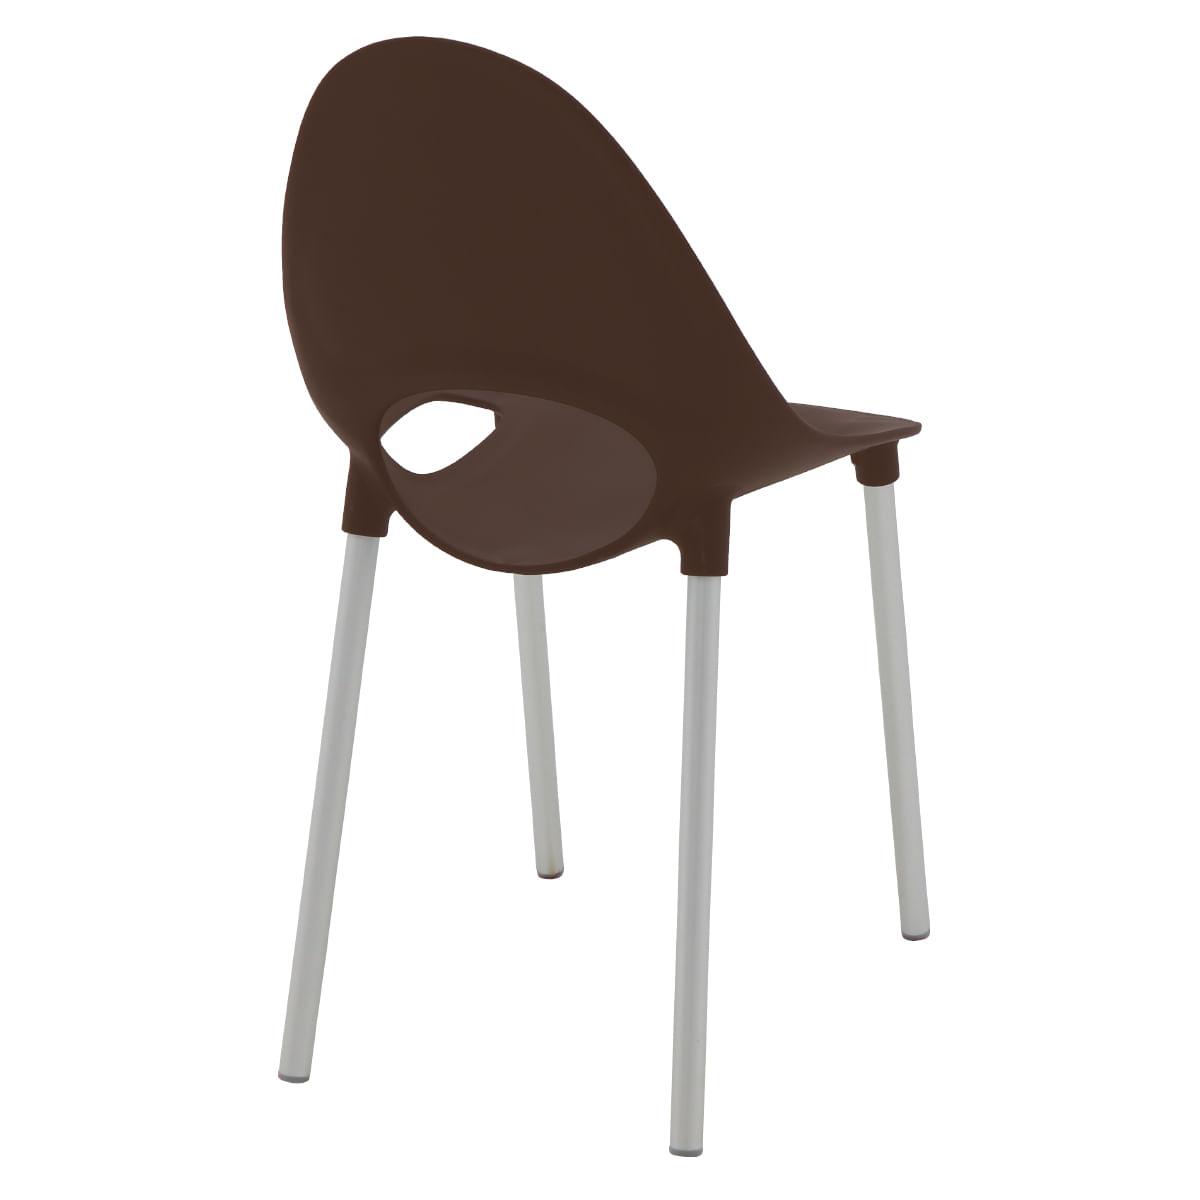 Cadeira Tramontina Elisa em Polipropileno Marrom com Pernas de Alumínio Anodizado